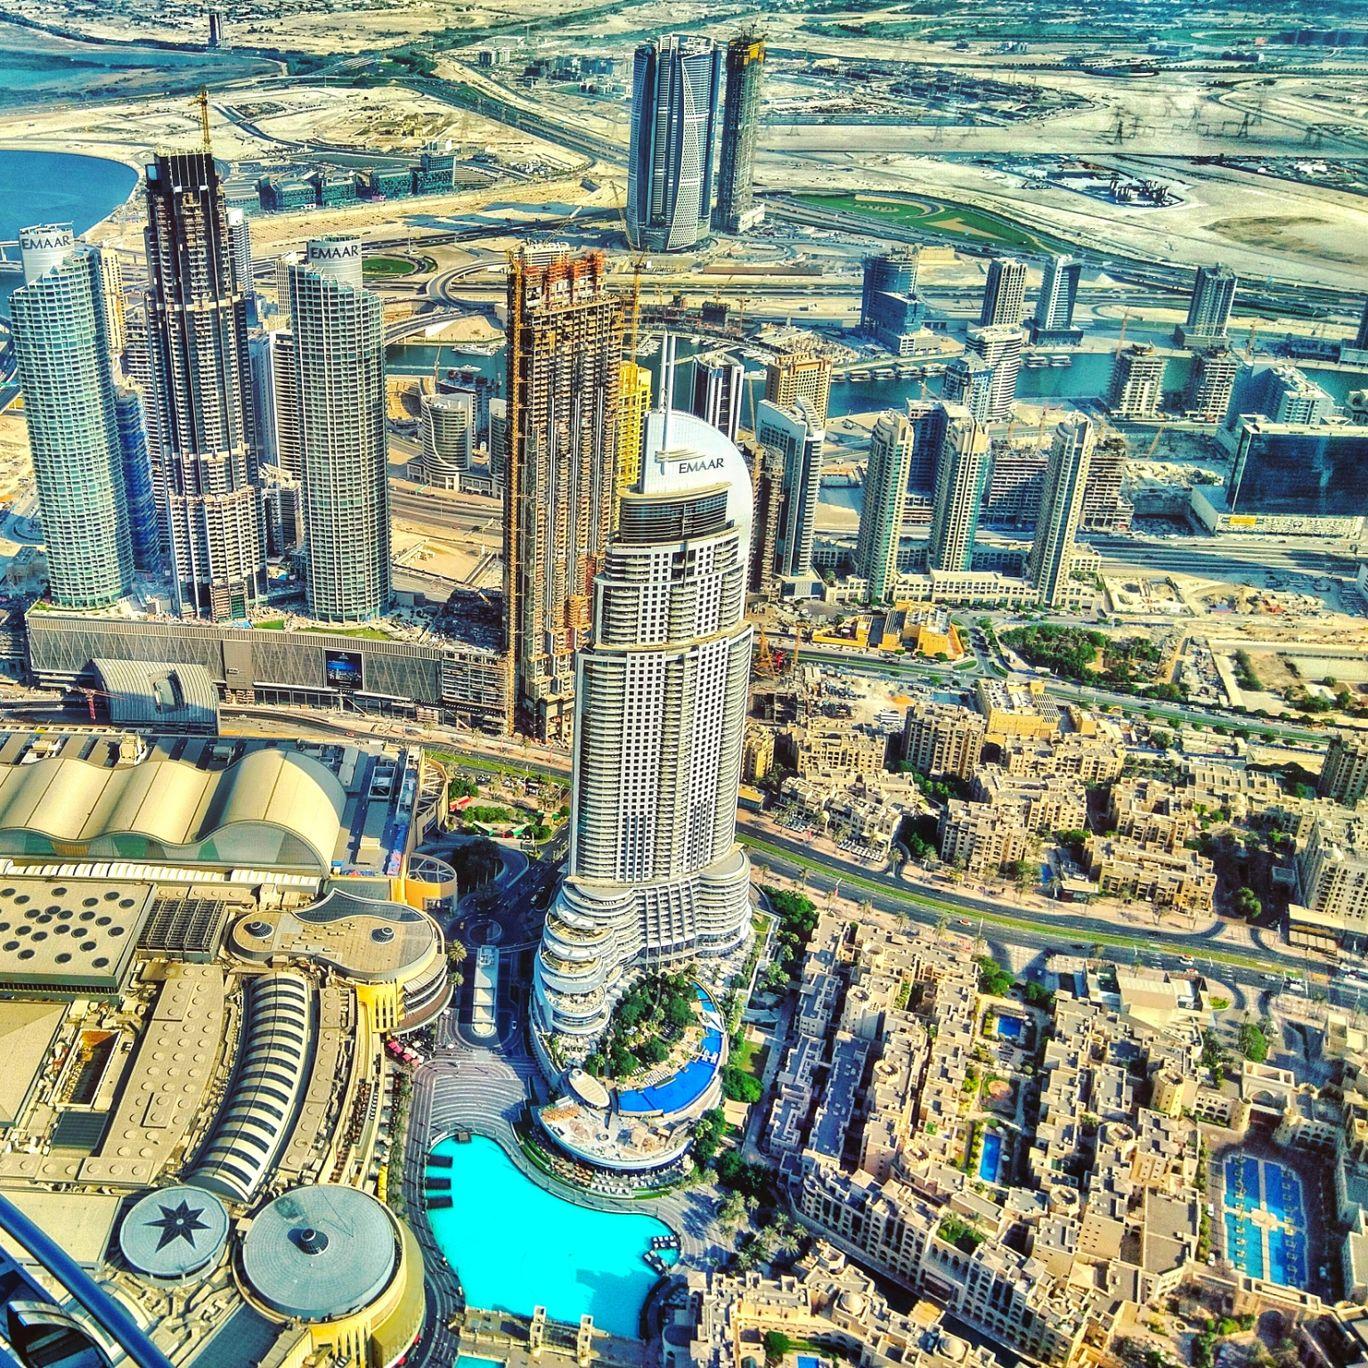 Photo of Burj Khalifa - Sheikh Mohammed bin Rashid Boulevard - Dubai - United Arab Emirates By Arnav Bora